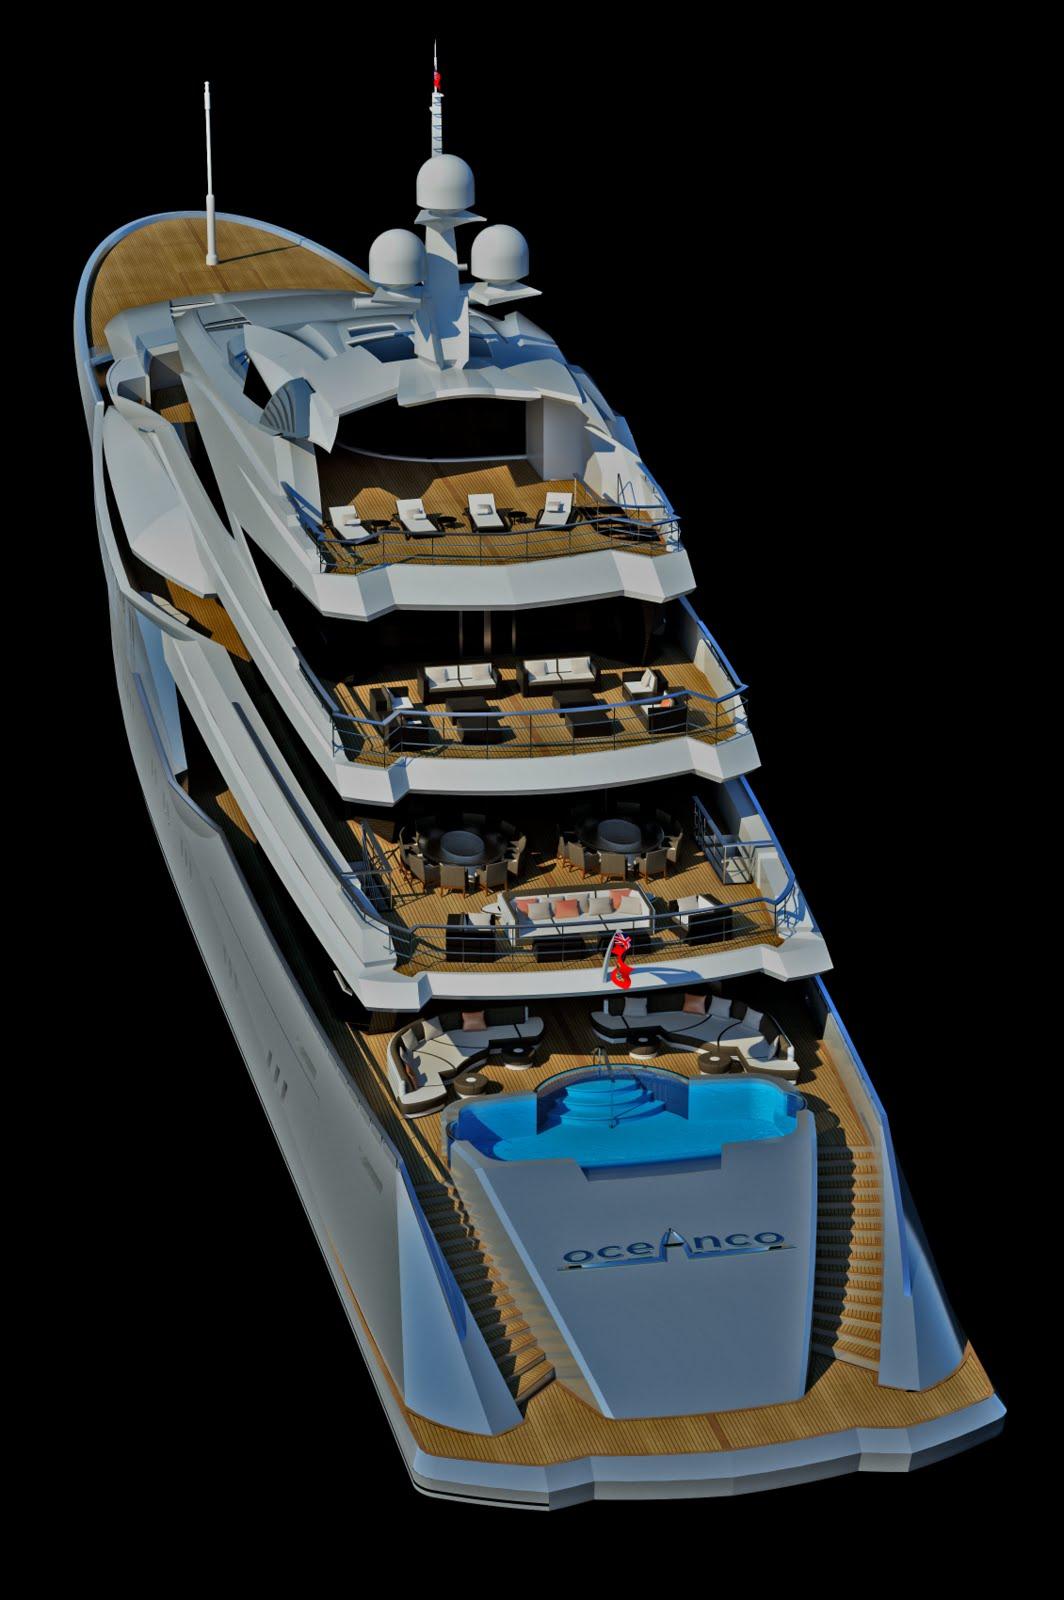 adriel design for oceanco project lumen a 90m motor yacht stern